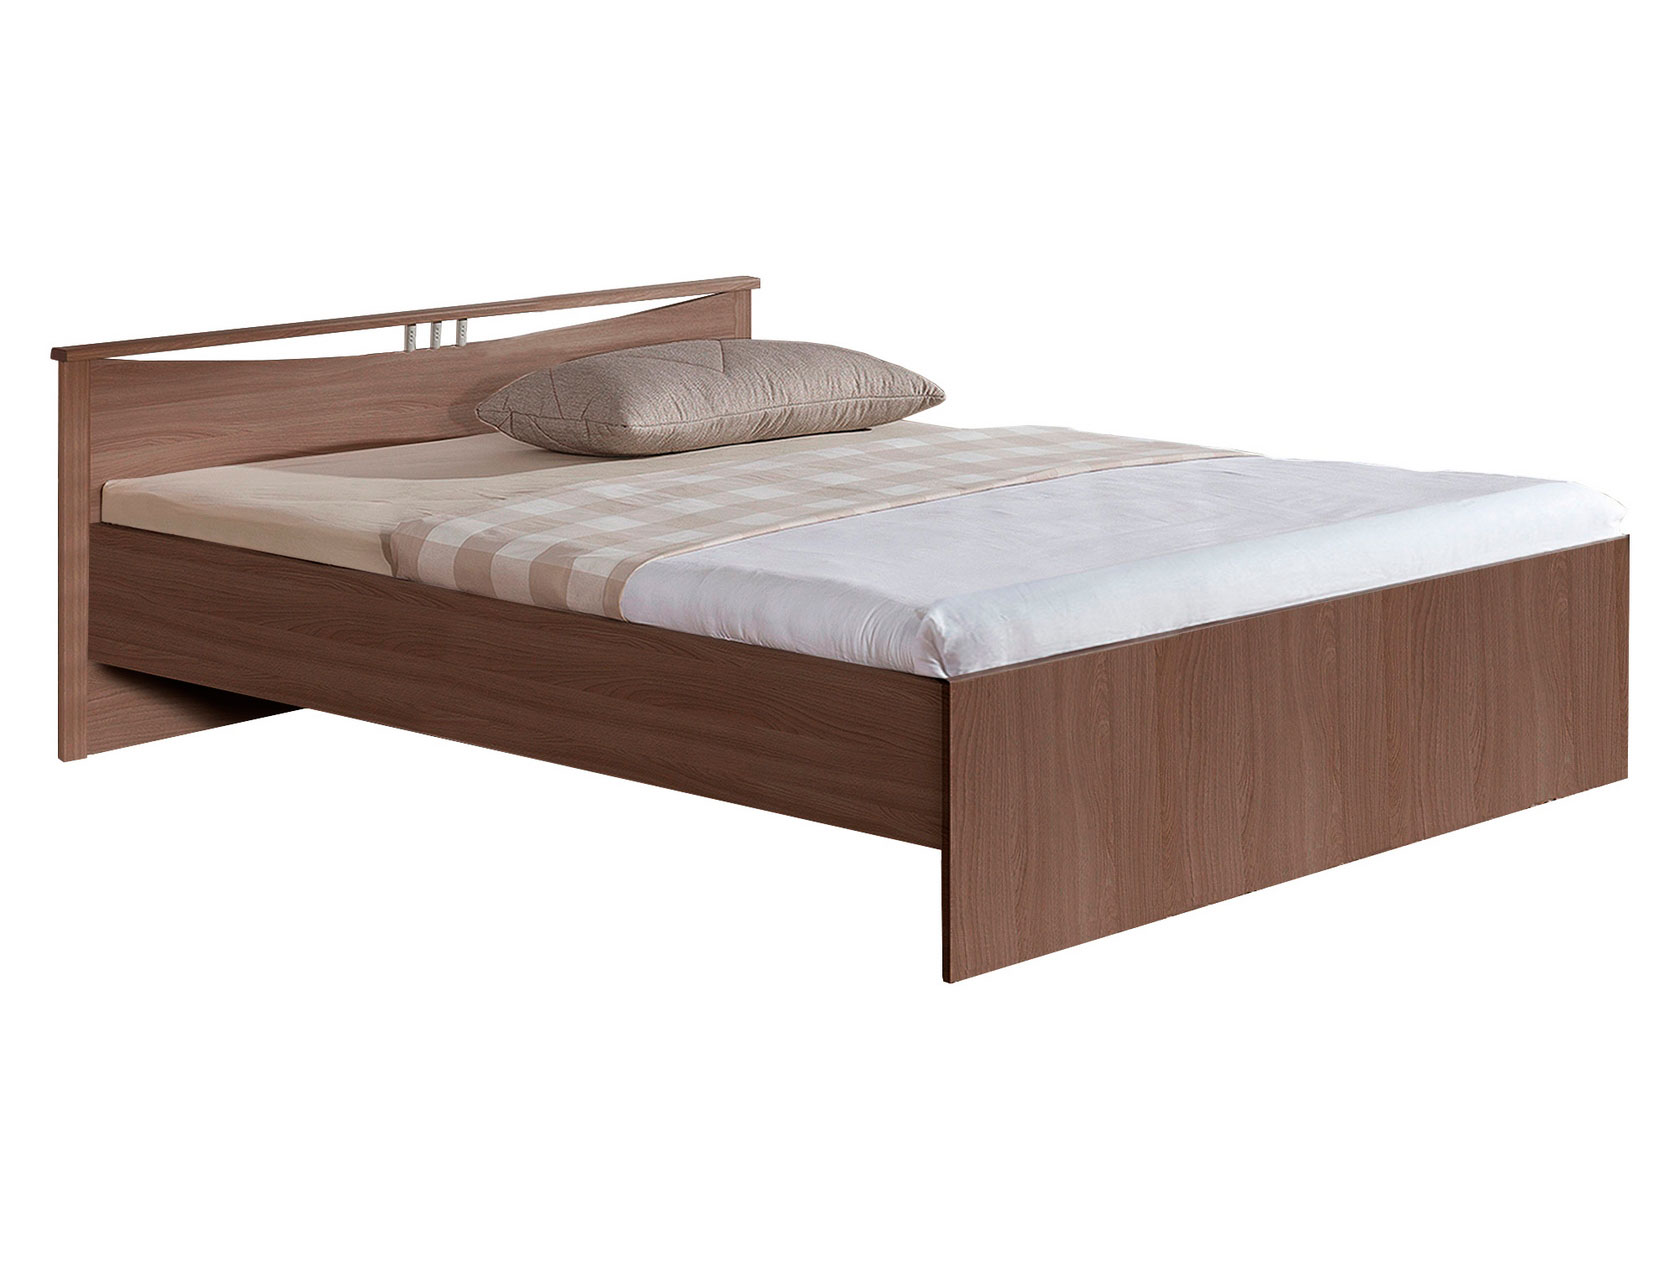 Односпальная кровать Боровичи Кровать Мелисса Шимо темный,